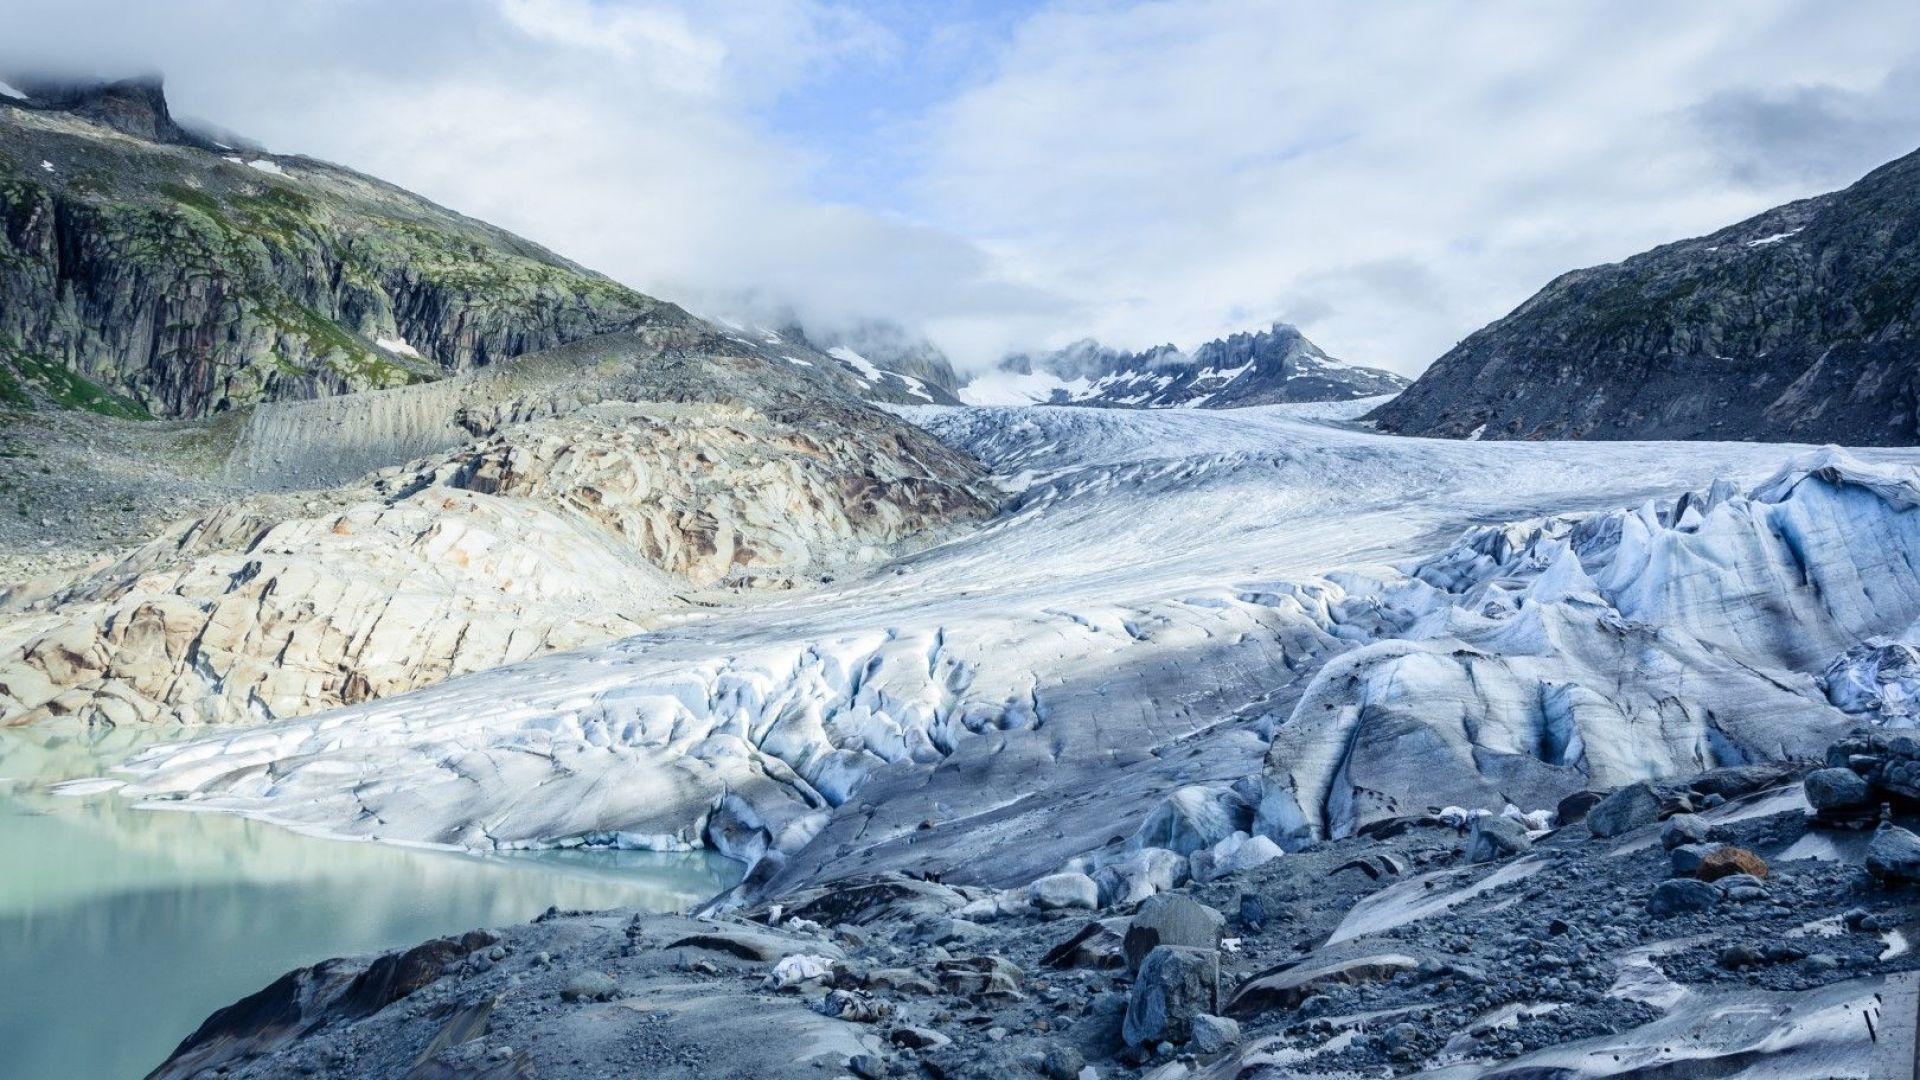 НАСА изпраща в космоса лазер, който ще измерва топенето на ледовете